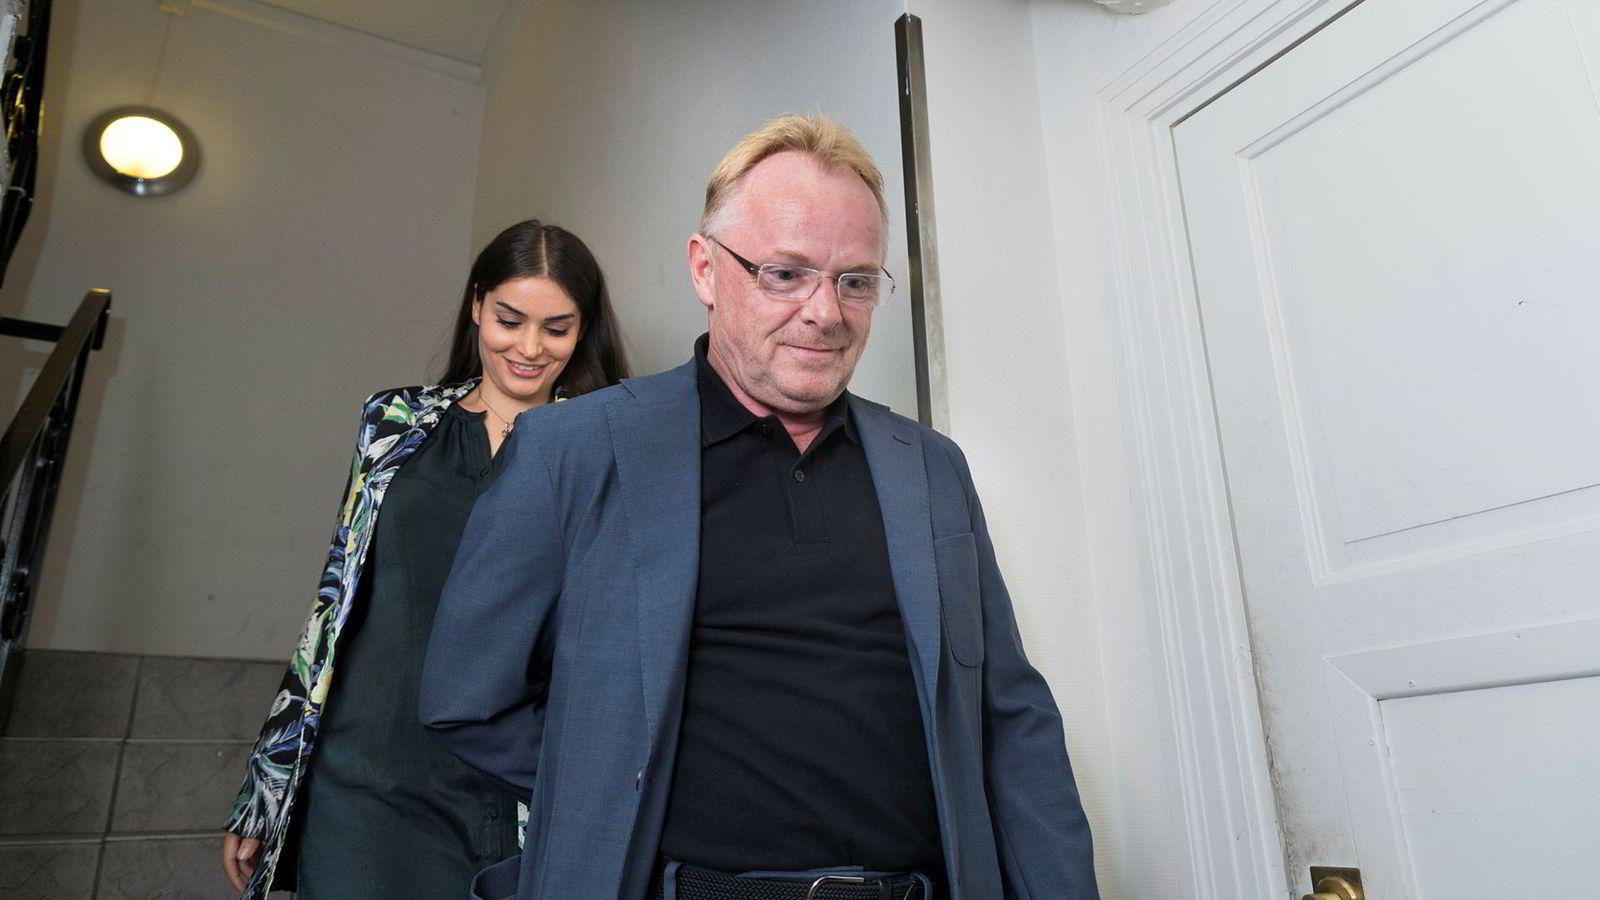 Hånd i hånd gikk Per Sandberg og Bahareh Letnes til deres felles pressekonferanse etter at Sandnes trakk seg som fiskeriminister i august.